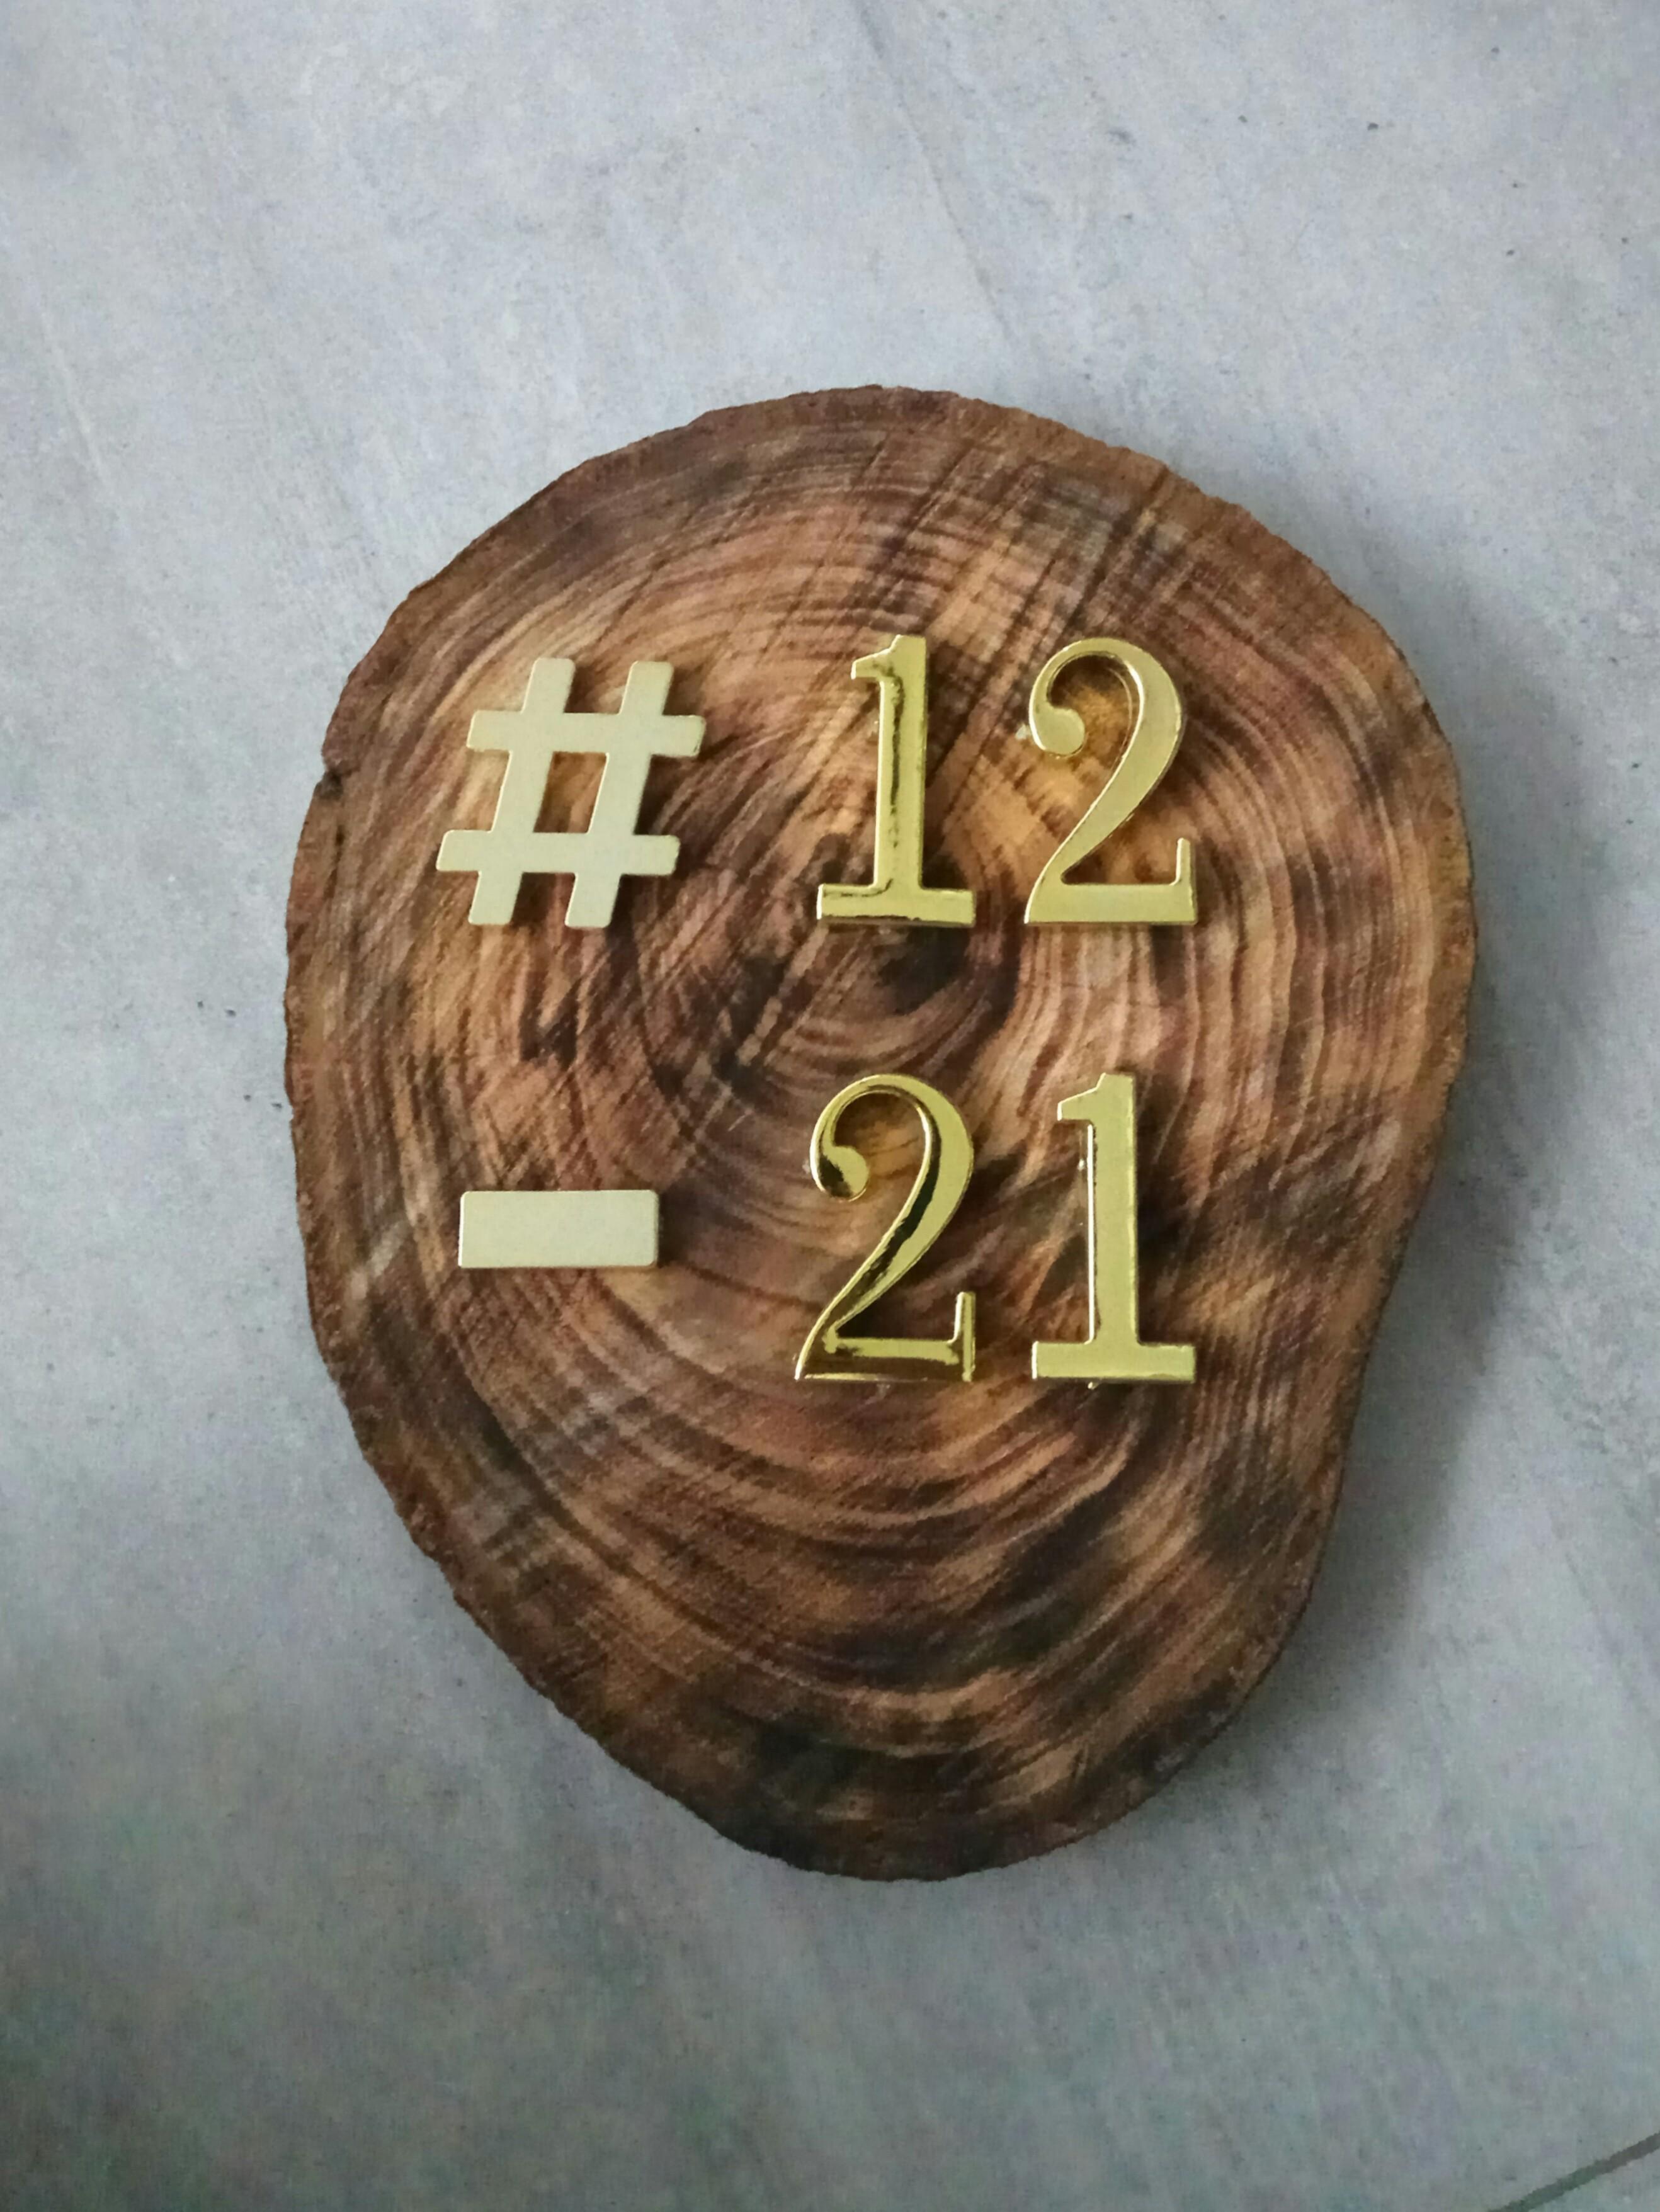 House door number plate